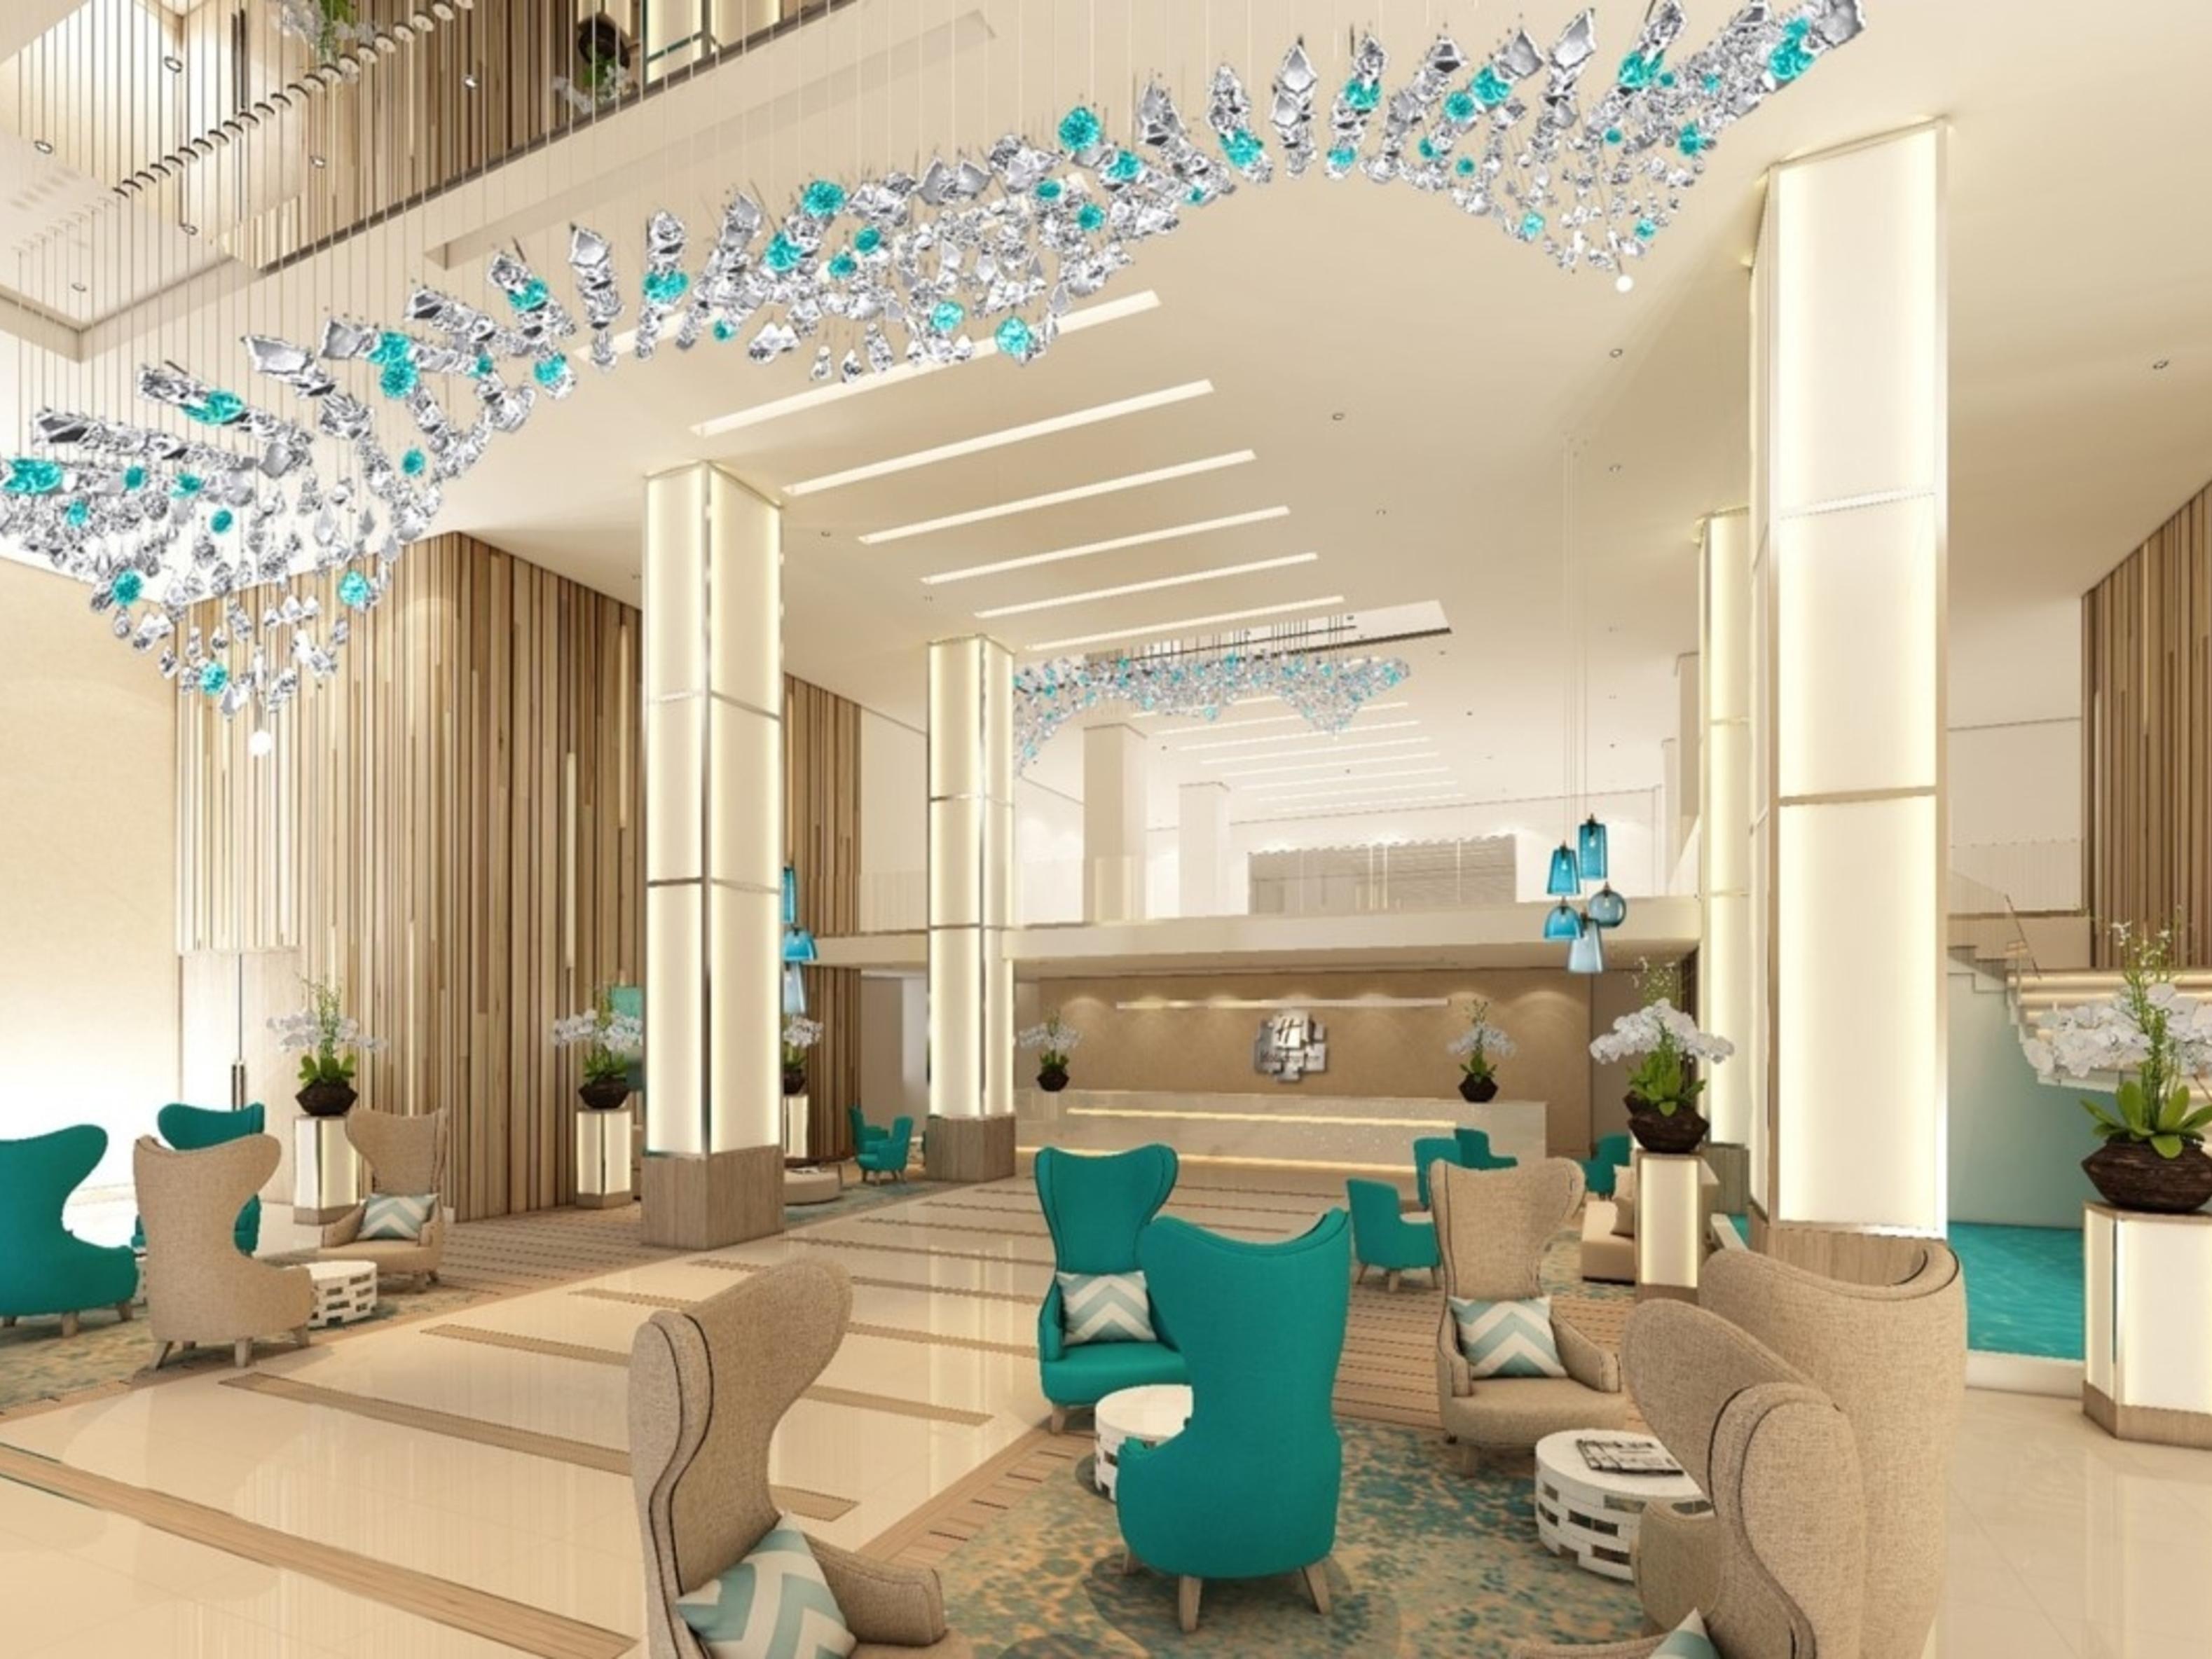 Find Dubai Hotels Top 16